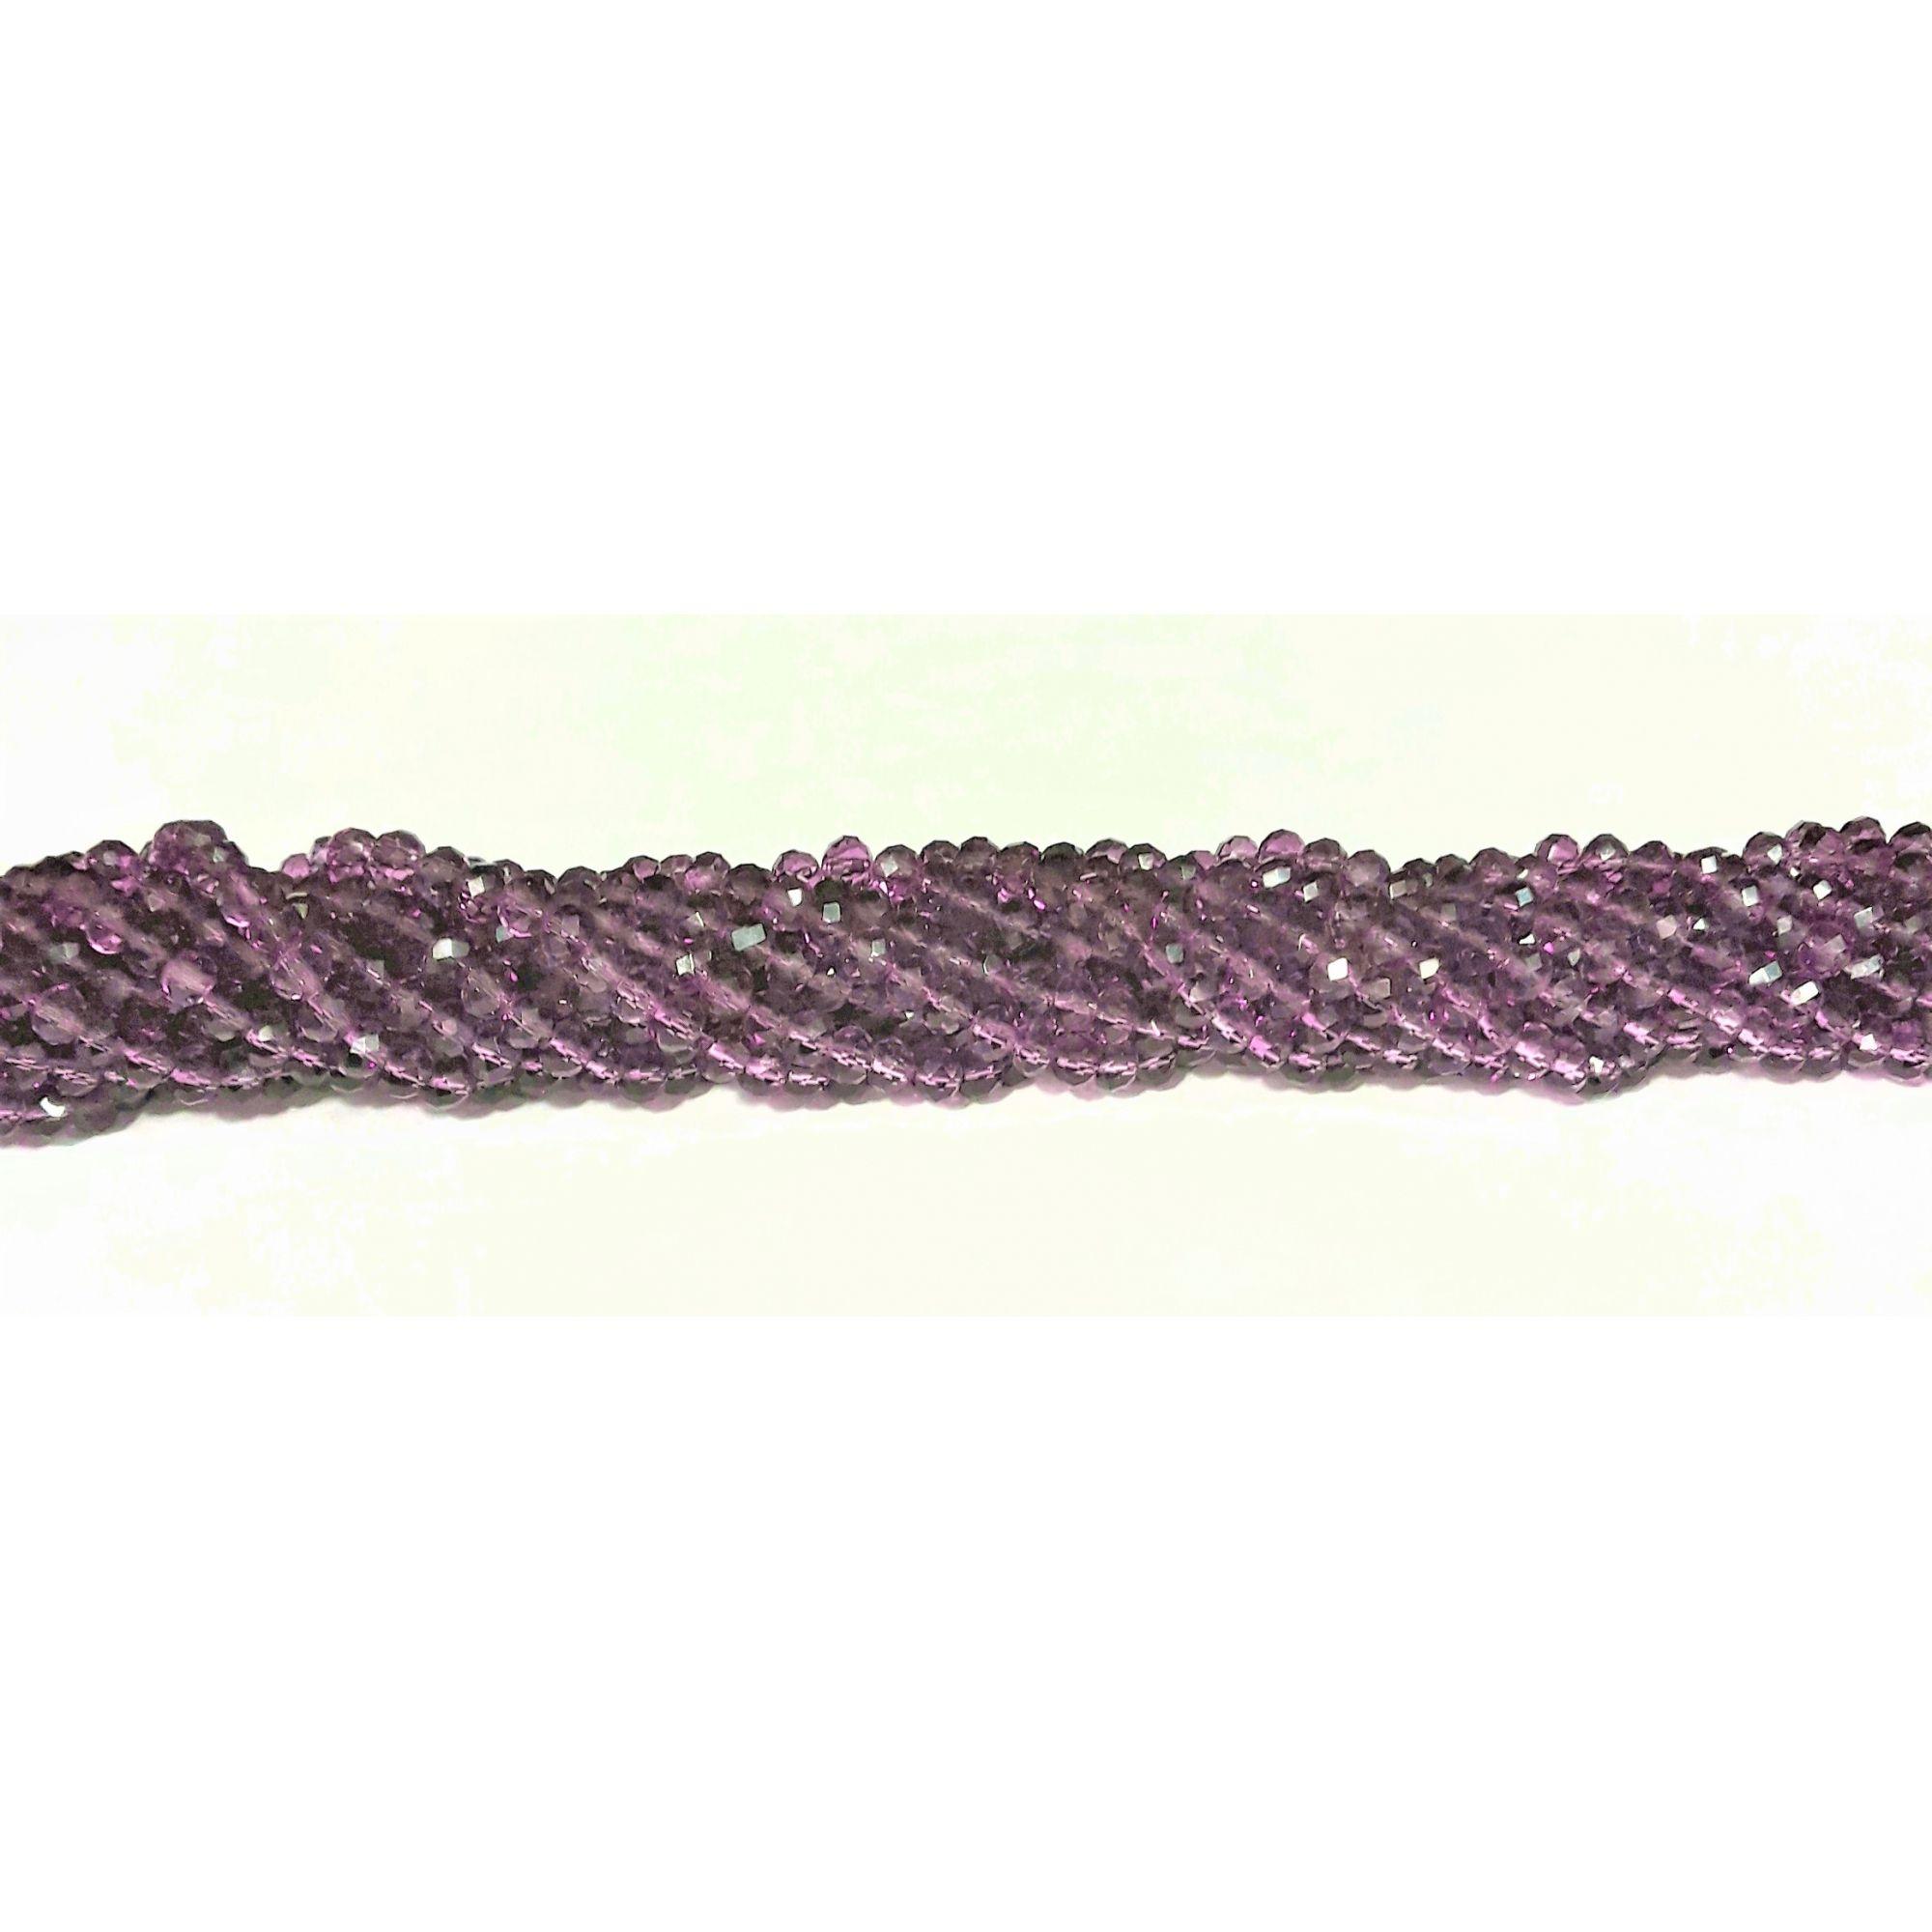 Fio de Cristal 6mm (Lilas) - FDC28